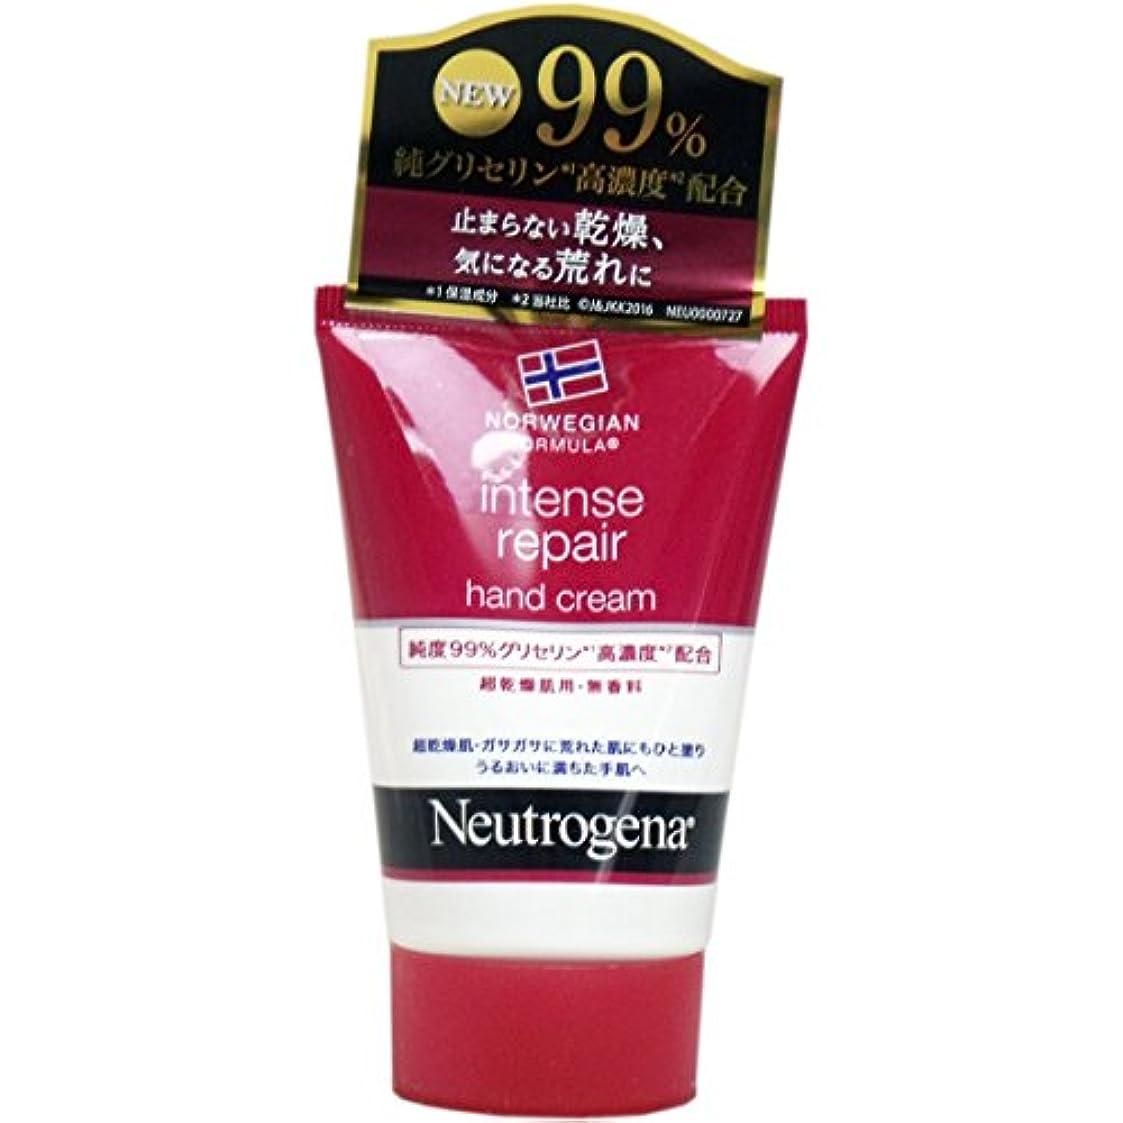 オン限界なす【セット品】Neutrogena(ニュートロジーナ) ノルウェーフォーミュラ インテンスリペア ハンドクリーム 超乾燥肌用 無香料 50g×6個